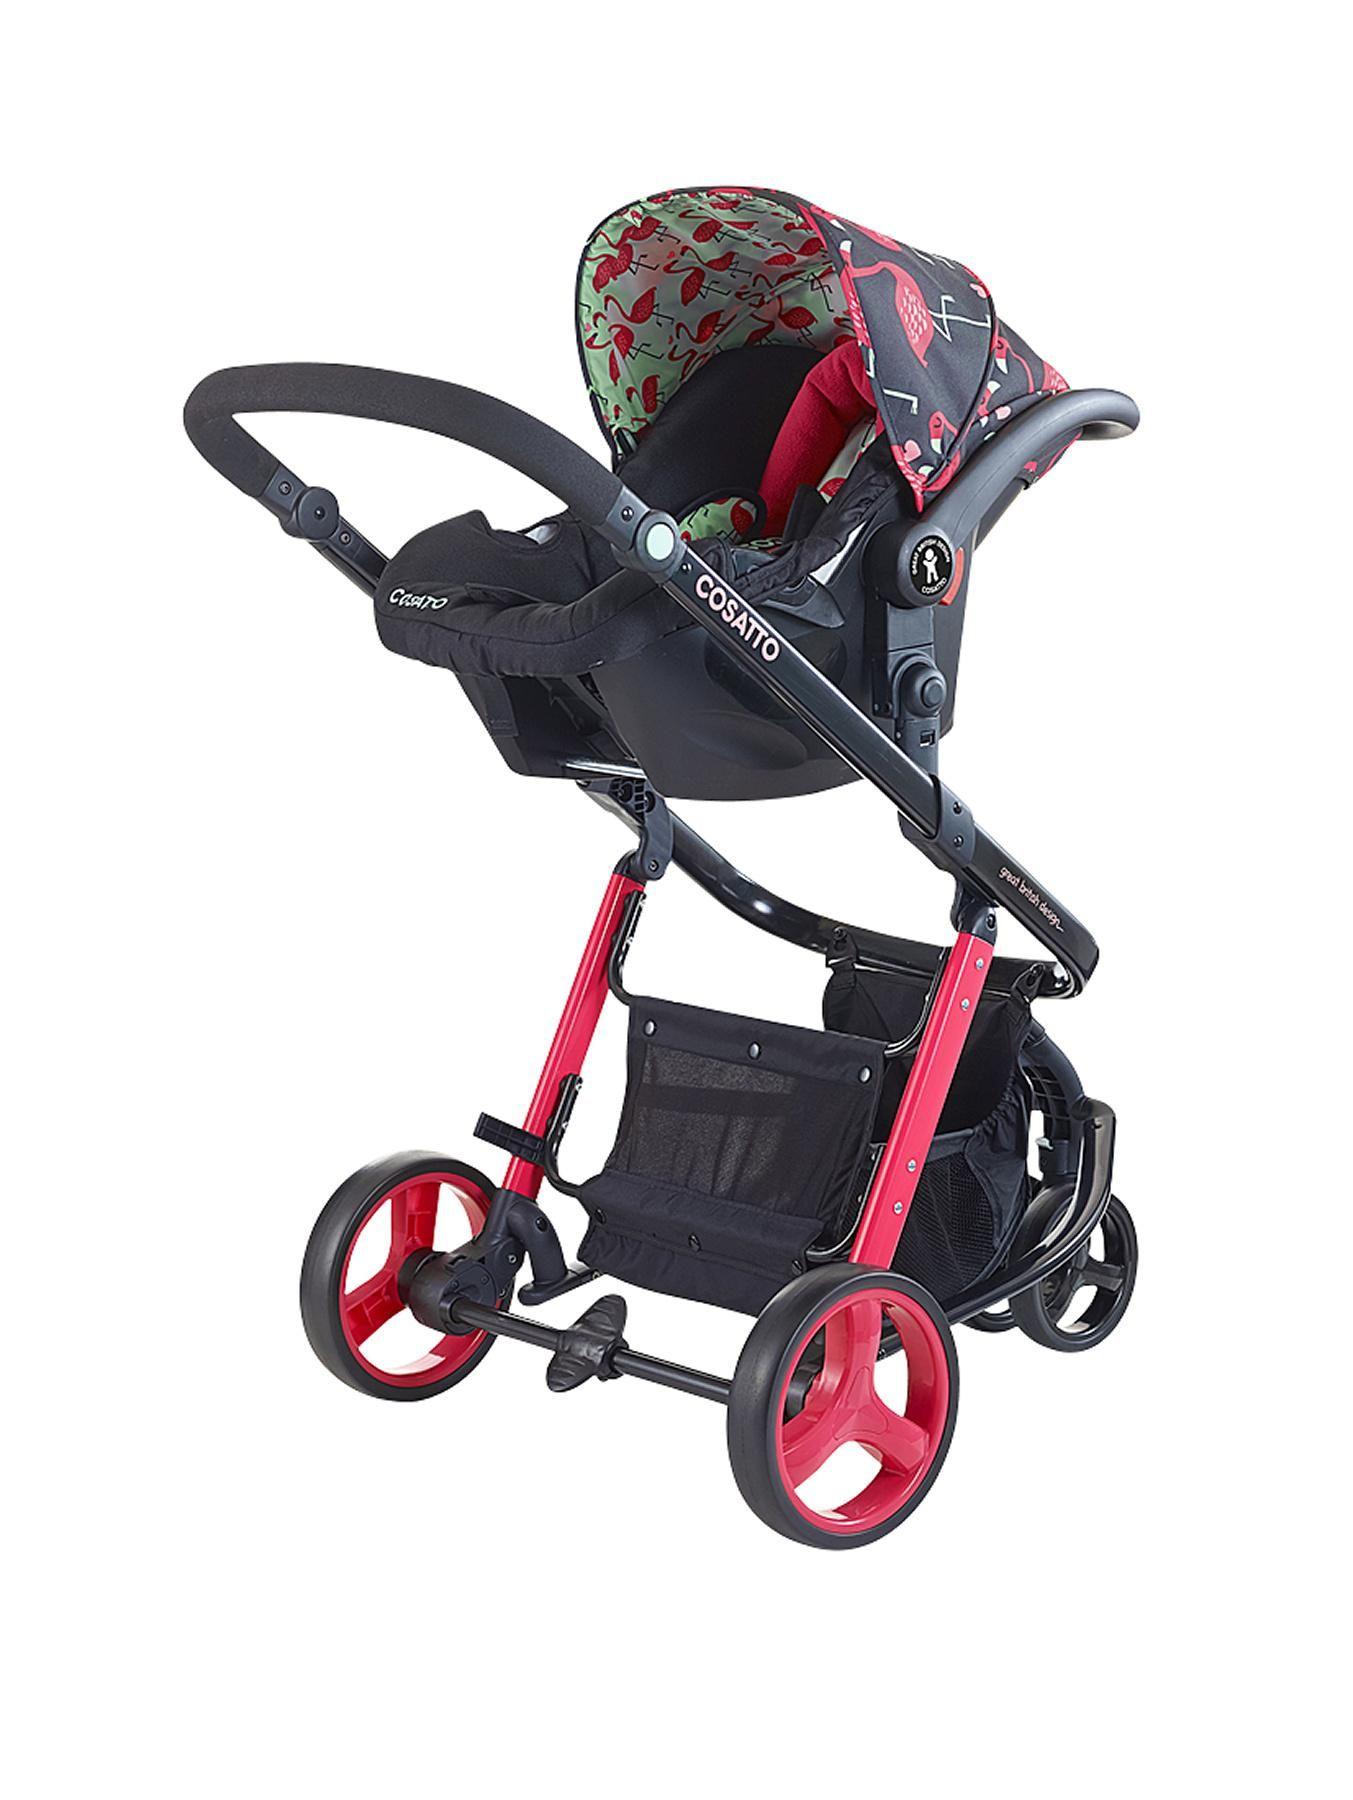 Cosatto Hold 0+ Car Seat - Flamingo Fling  f4d3e5d7d